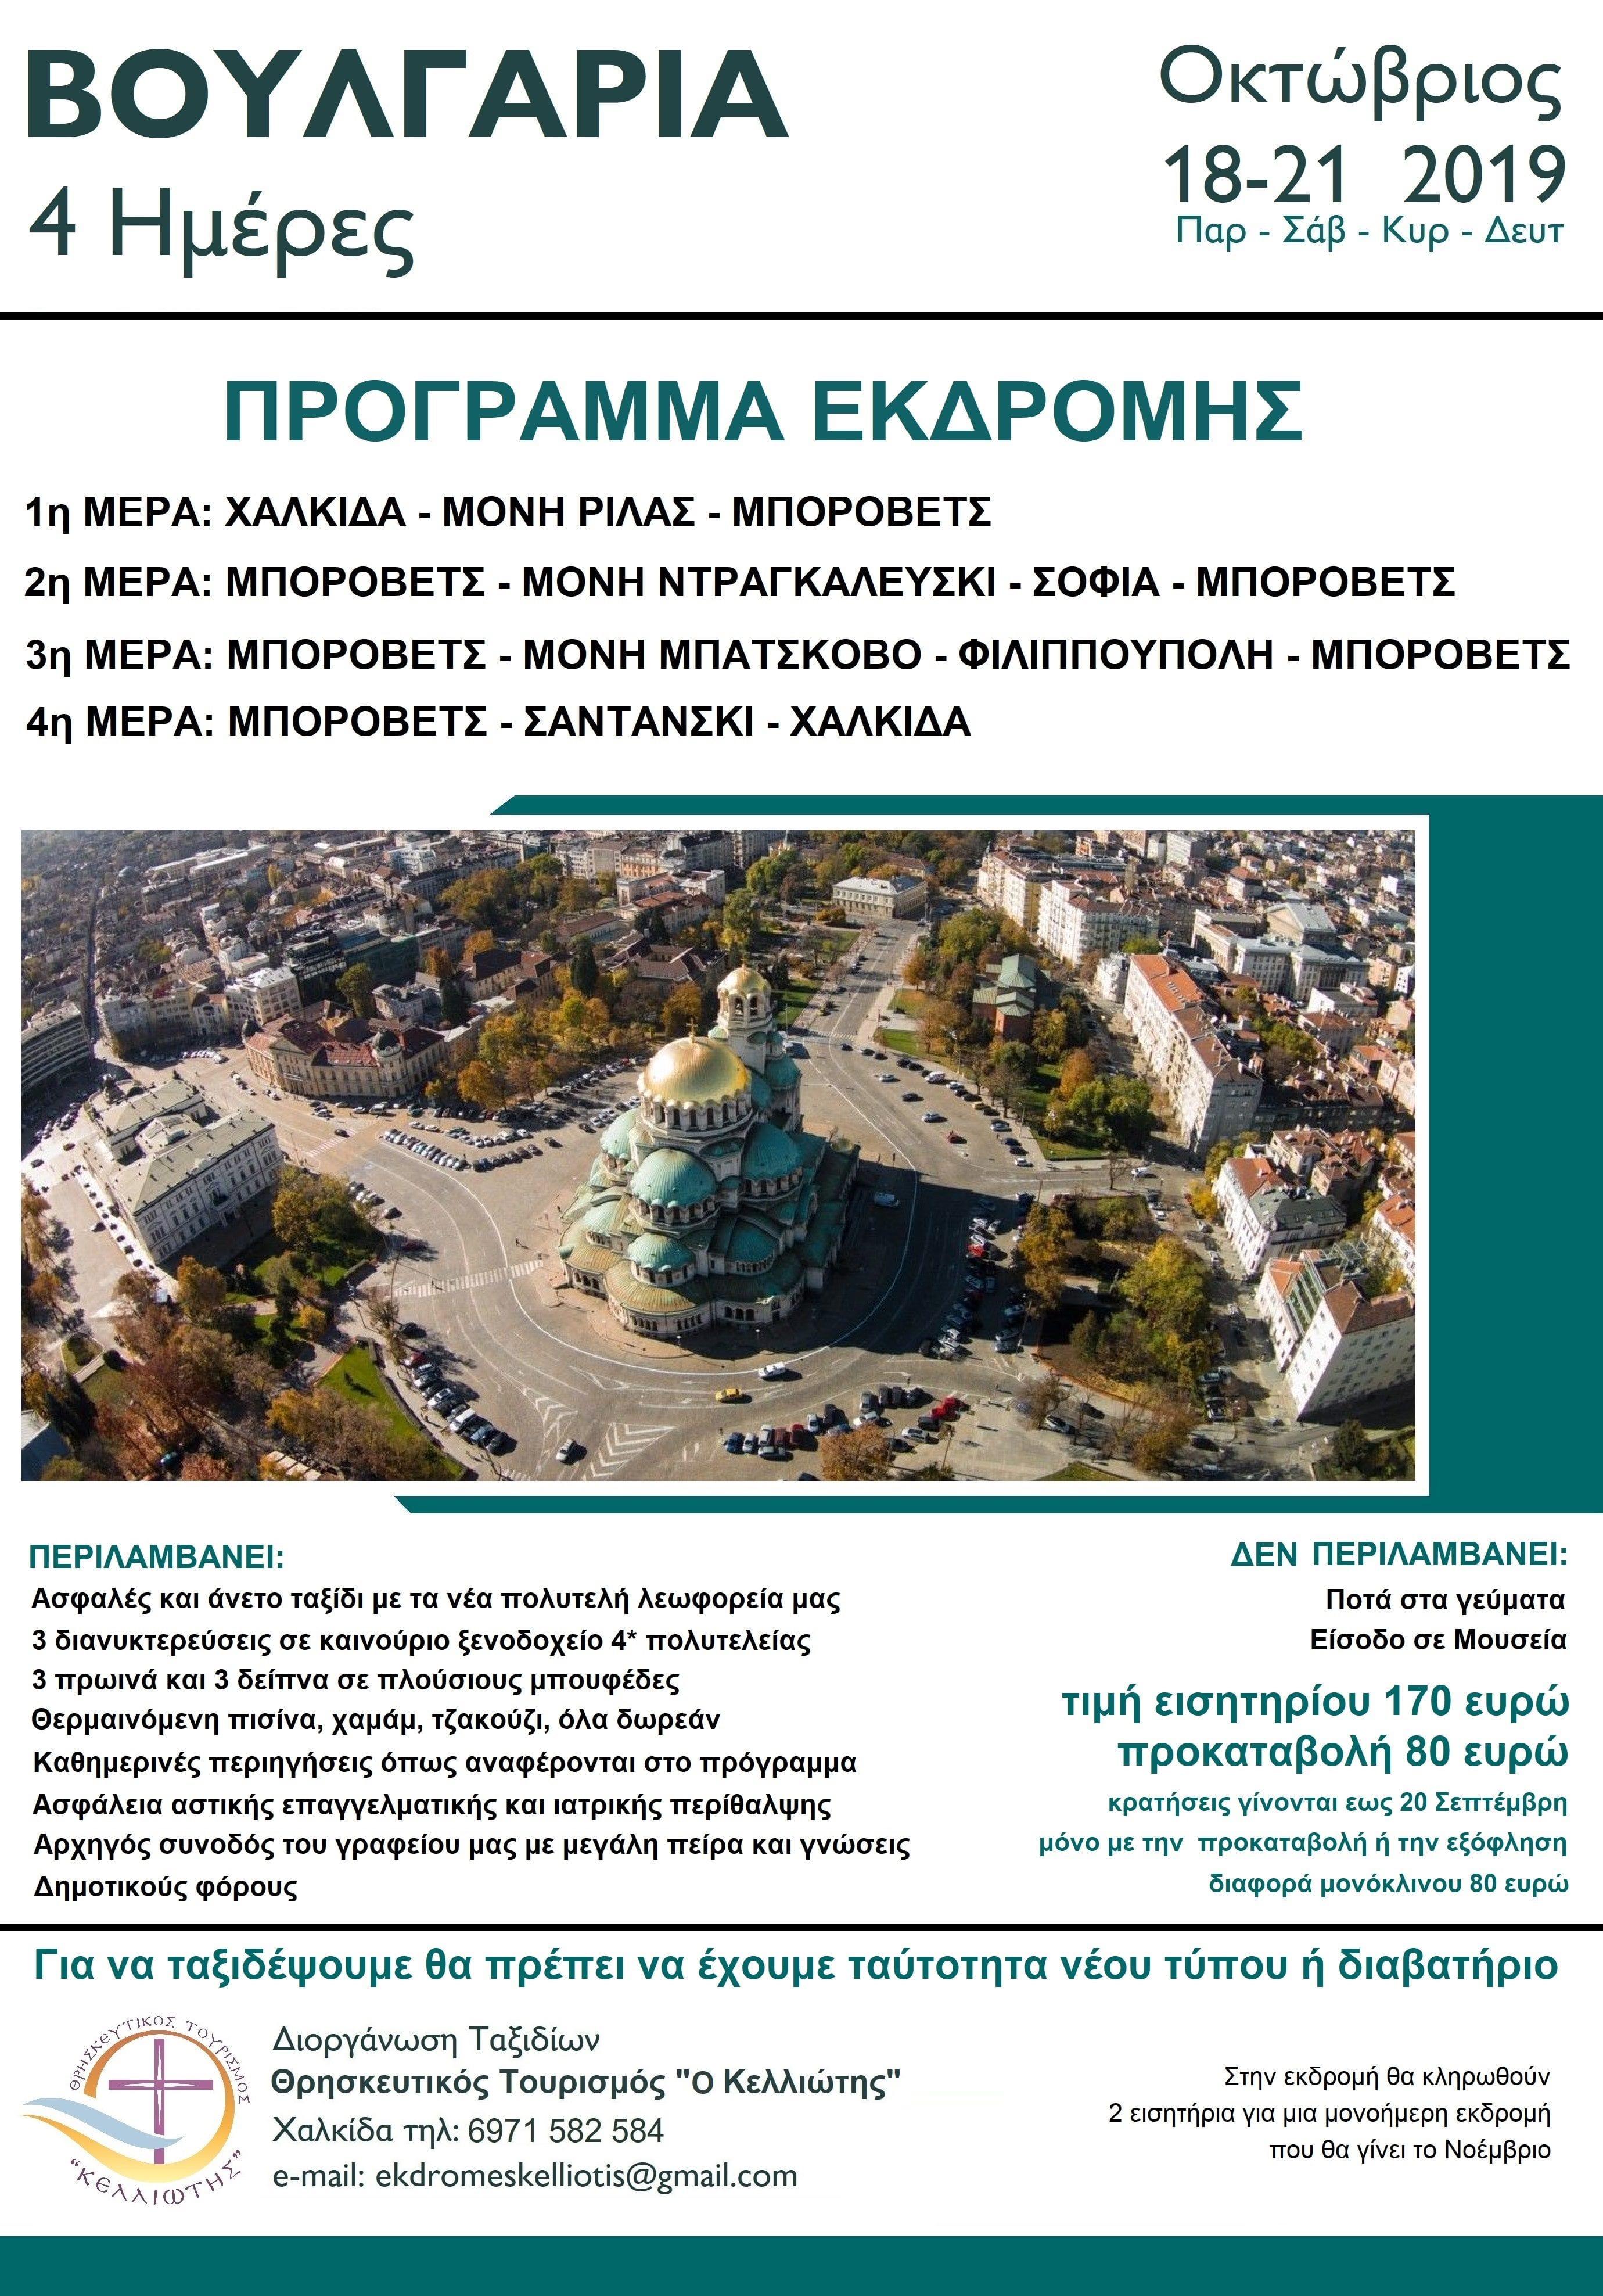 Εκδρομή Βουλγαρία 67740903 545790902624142 89178055234289664 n 1